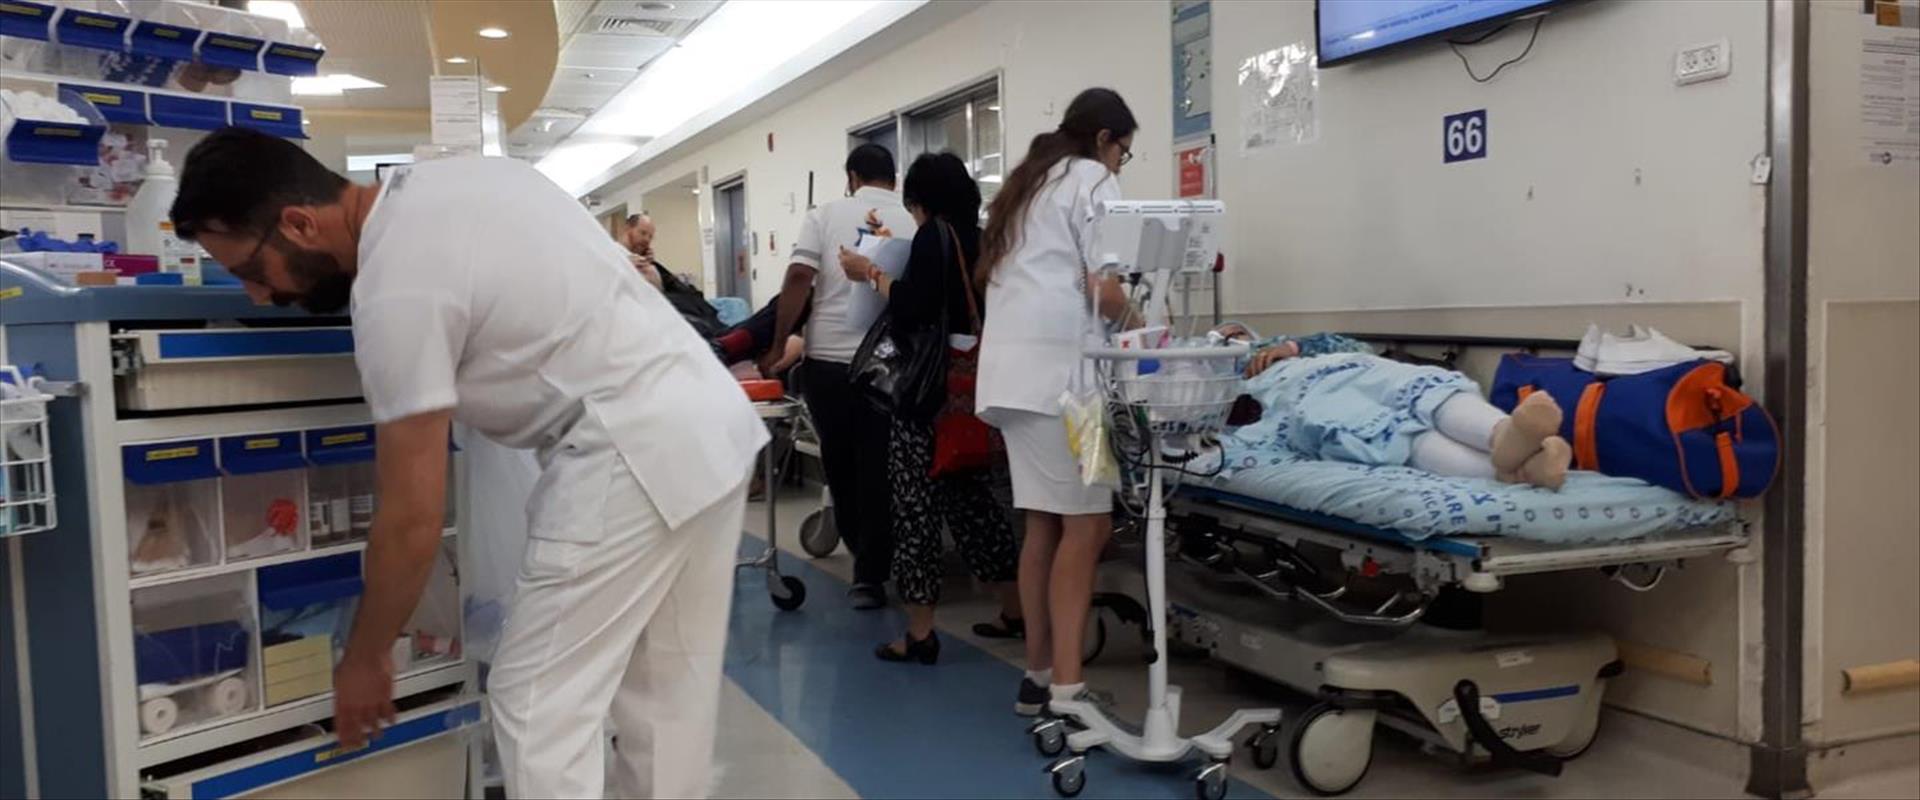 חדר מיון בית חולים שערי צדק, ירושלים